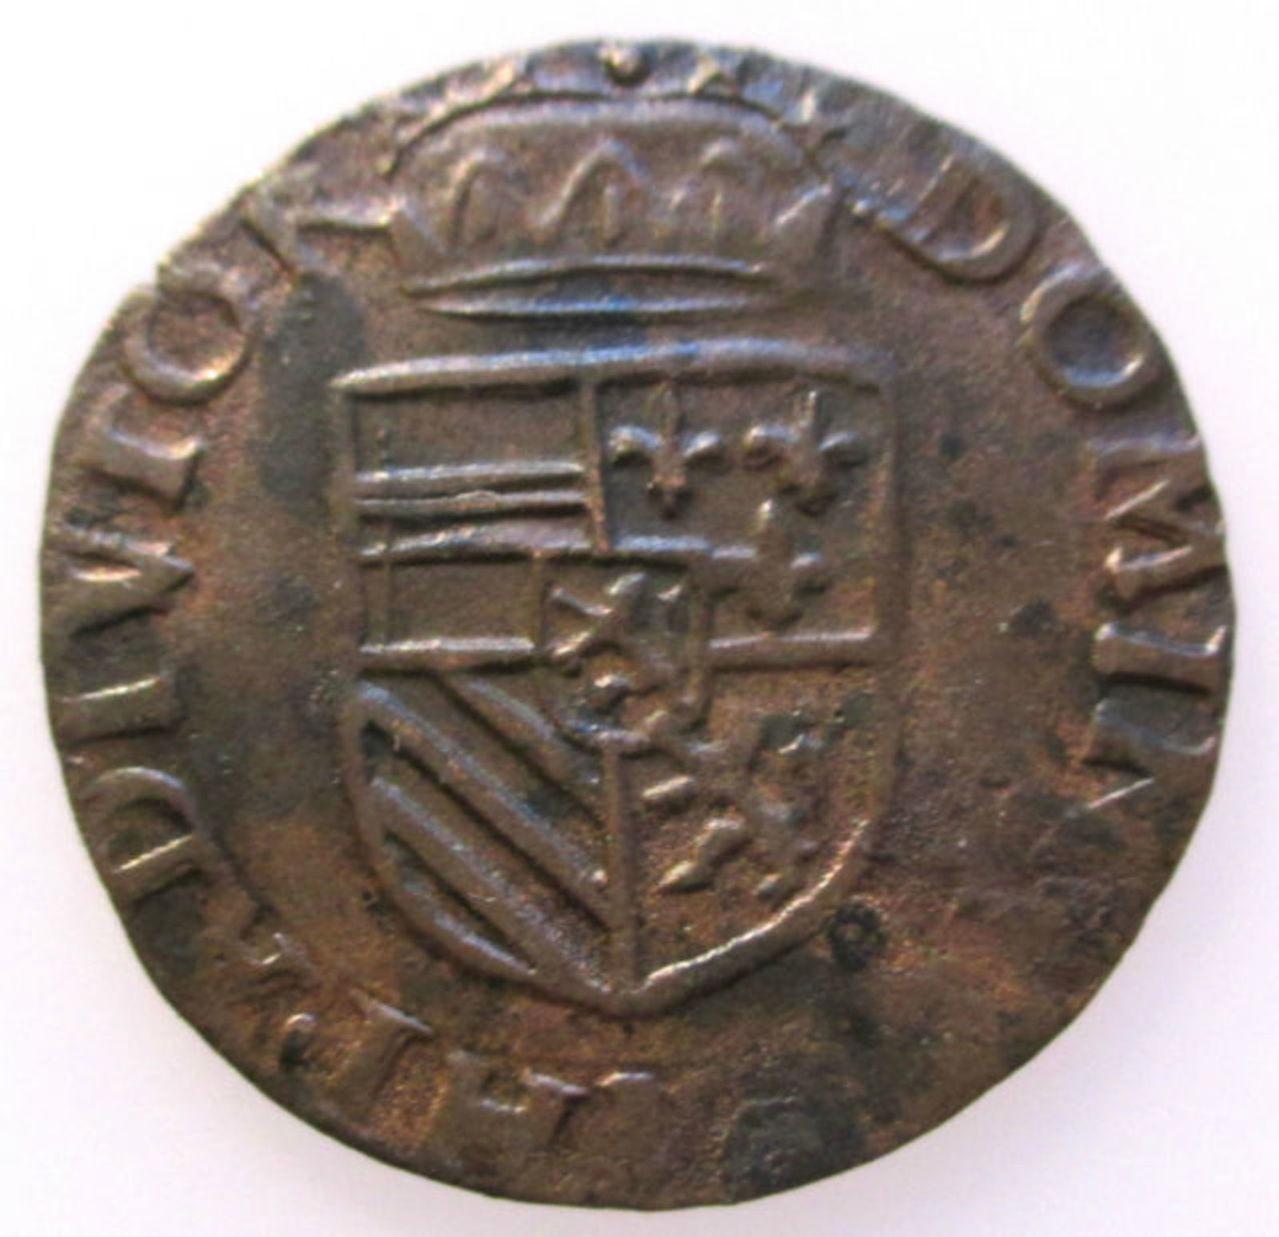 Monedas acuñadas en los Paises Bajos a nombre de Felipe II - Página 5 Spanish_Netherlands_Duit_Gigot_Maastricht_Philip